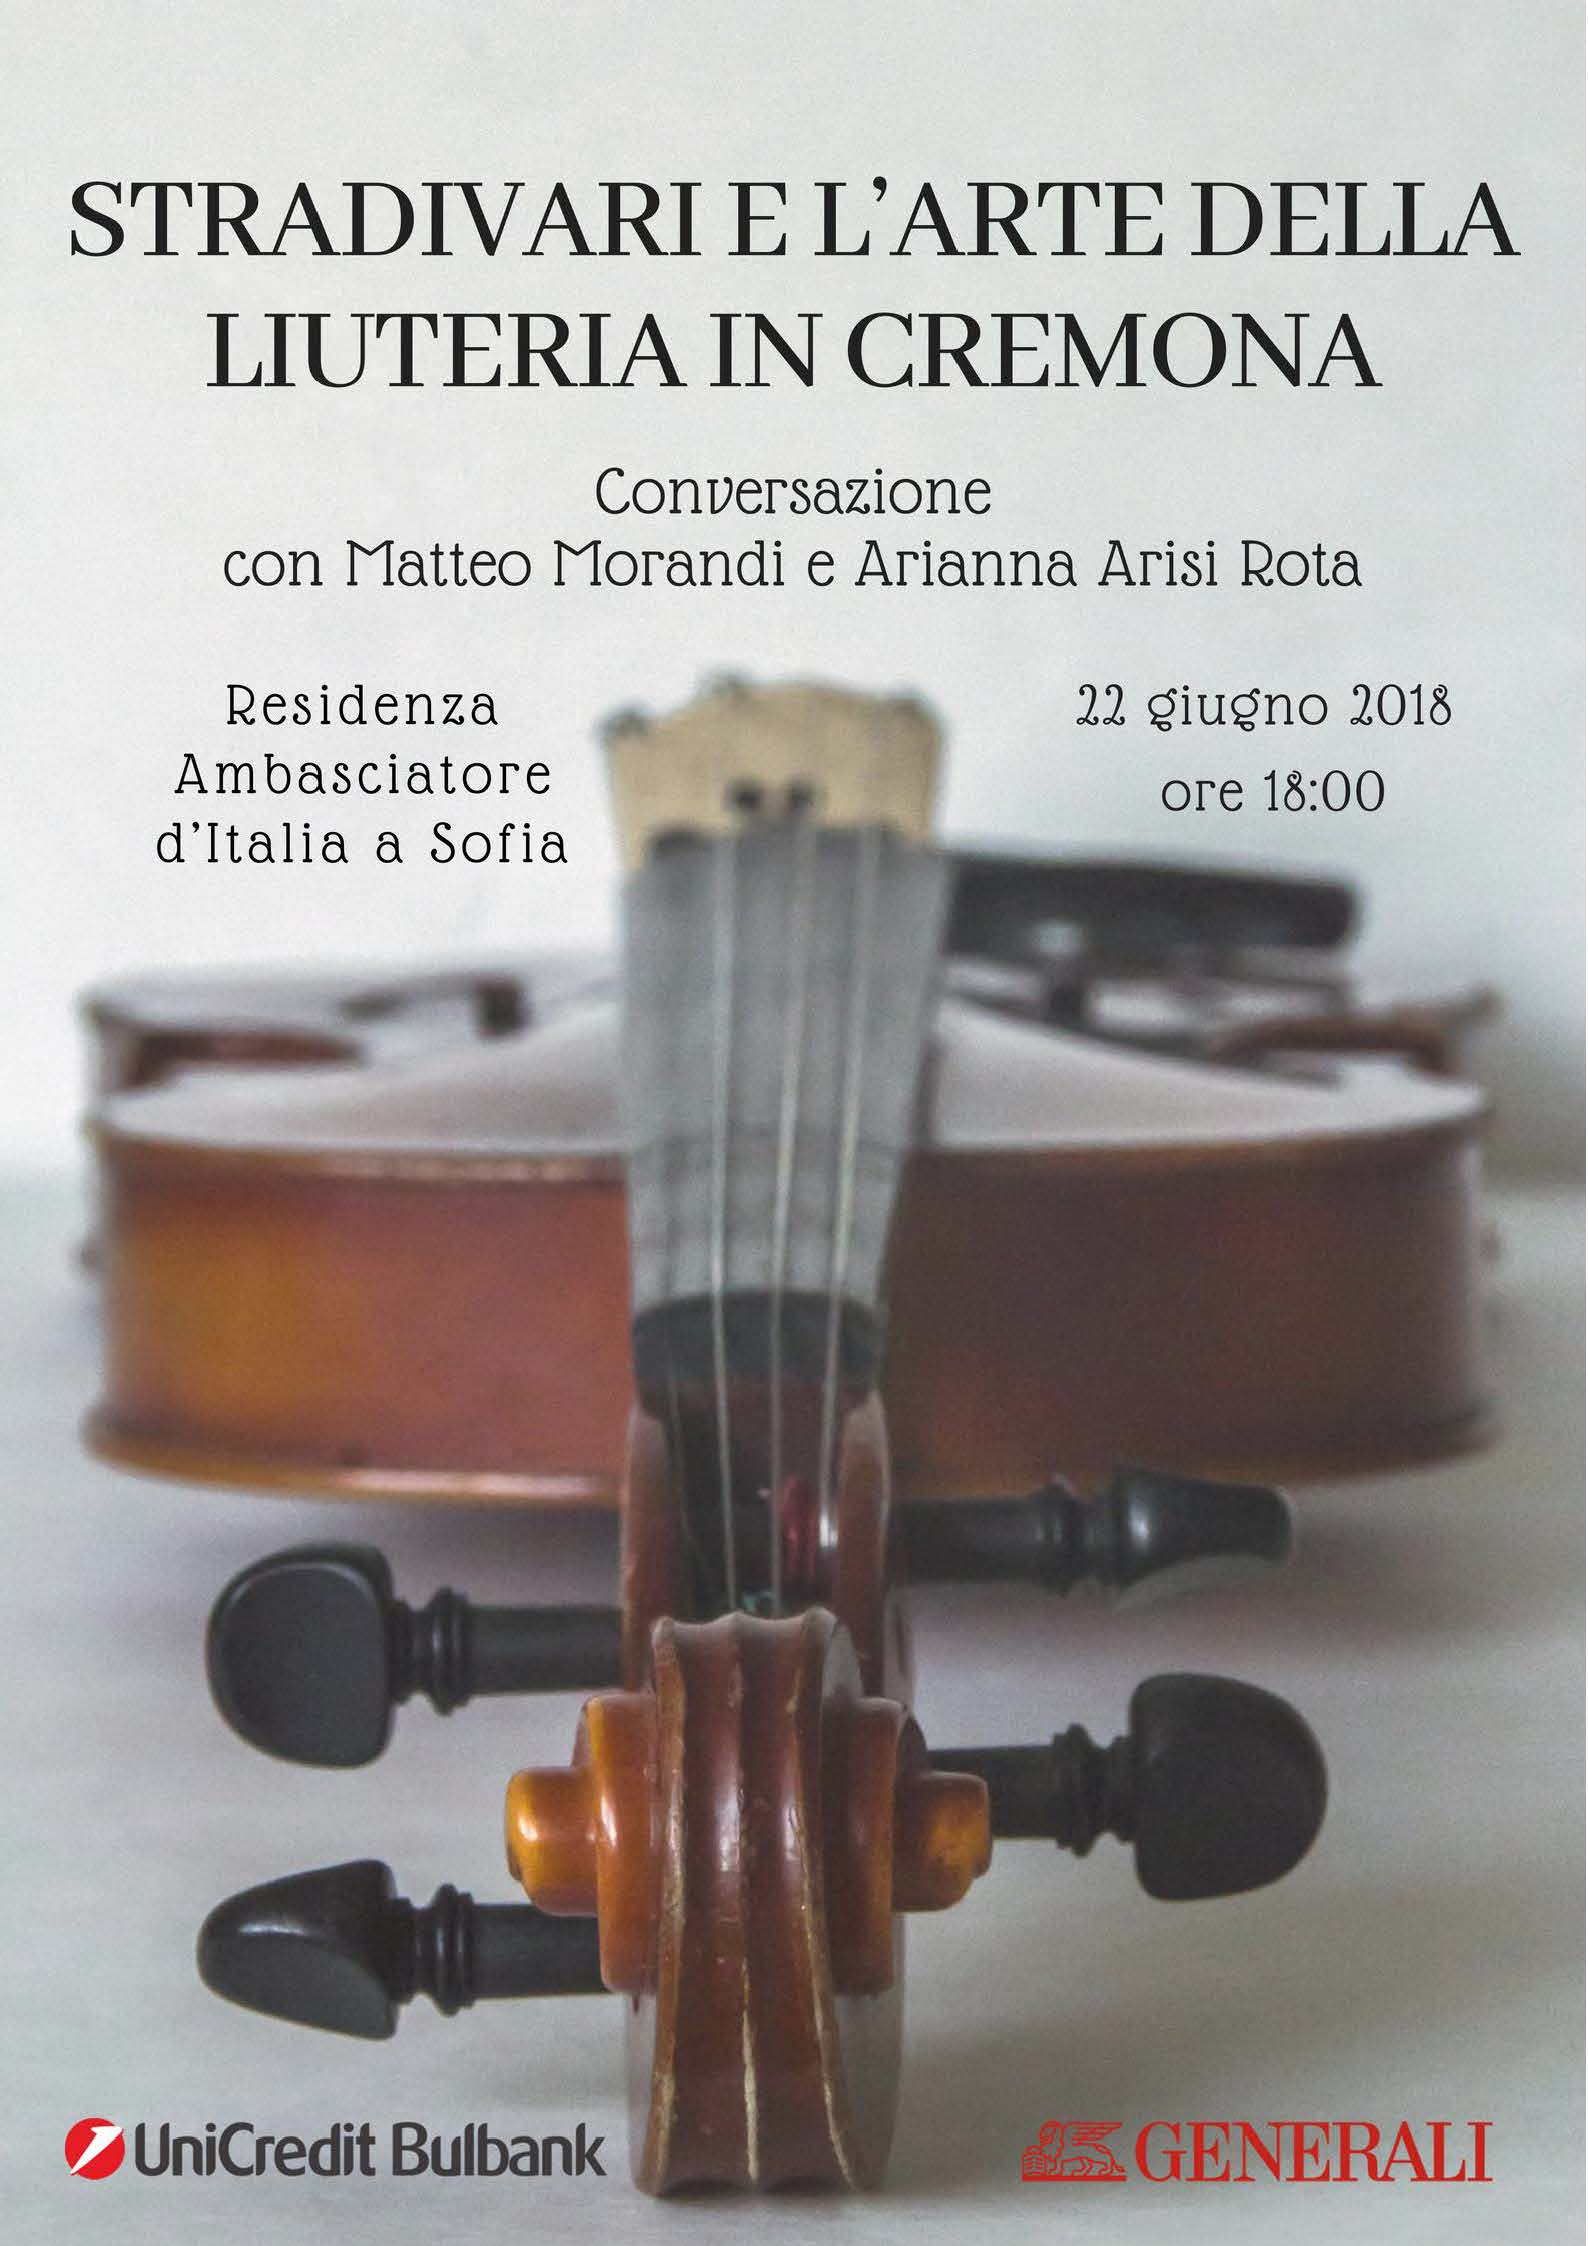 """Conversazione """"Stradivari, la liuteria cremonese e un'operazione di educazione al patrimonio culturale"""" – 22 giugno, Sofia (Bulgaria)"""